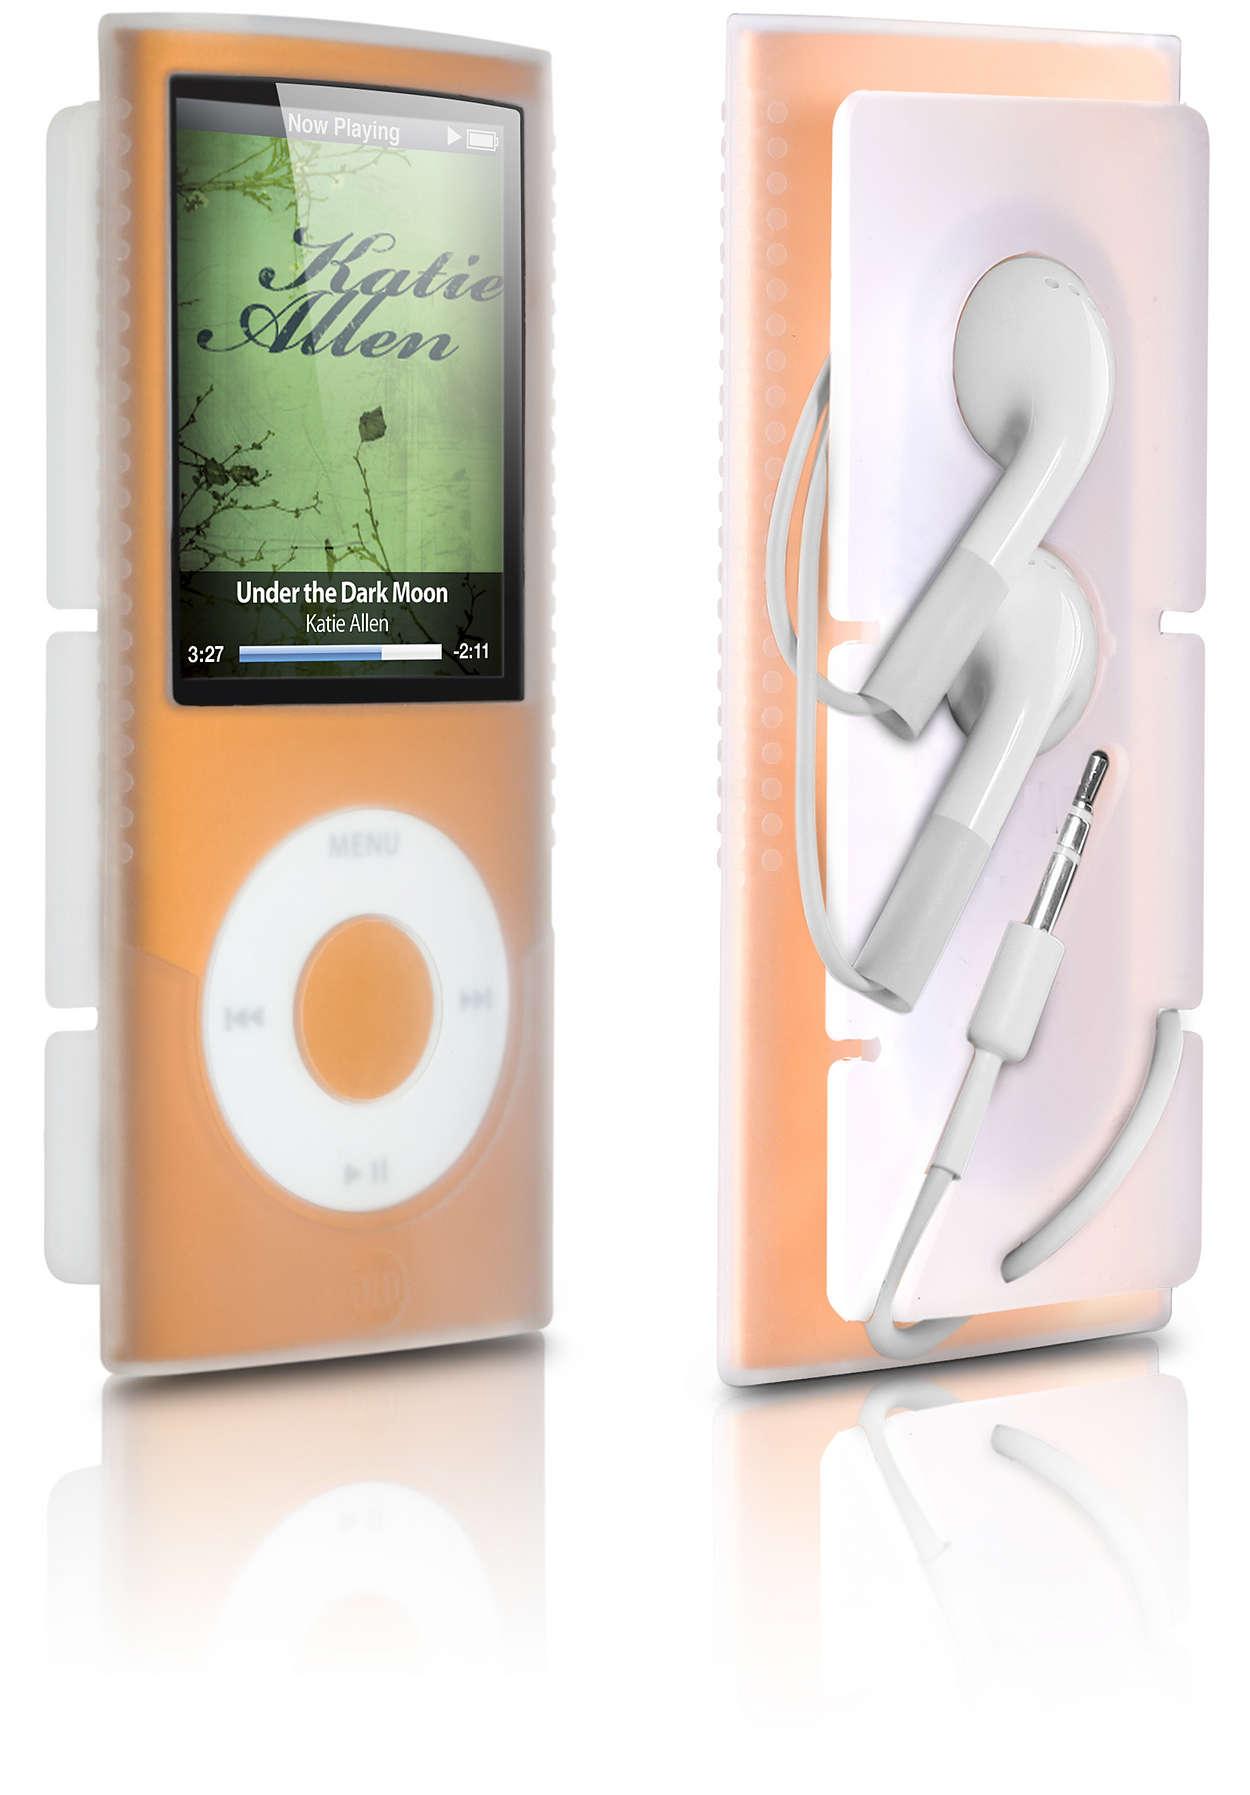 Protejaţi-vă iPod-ul cu stil